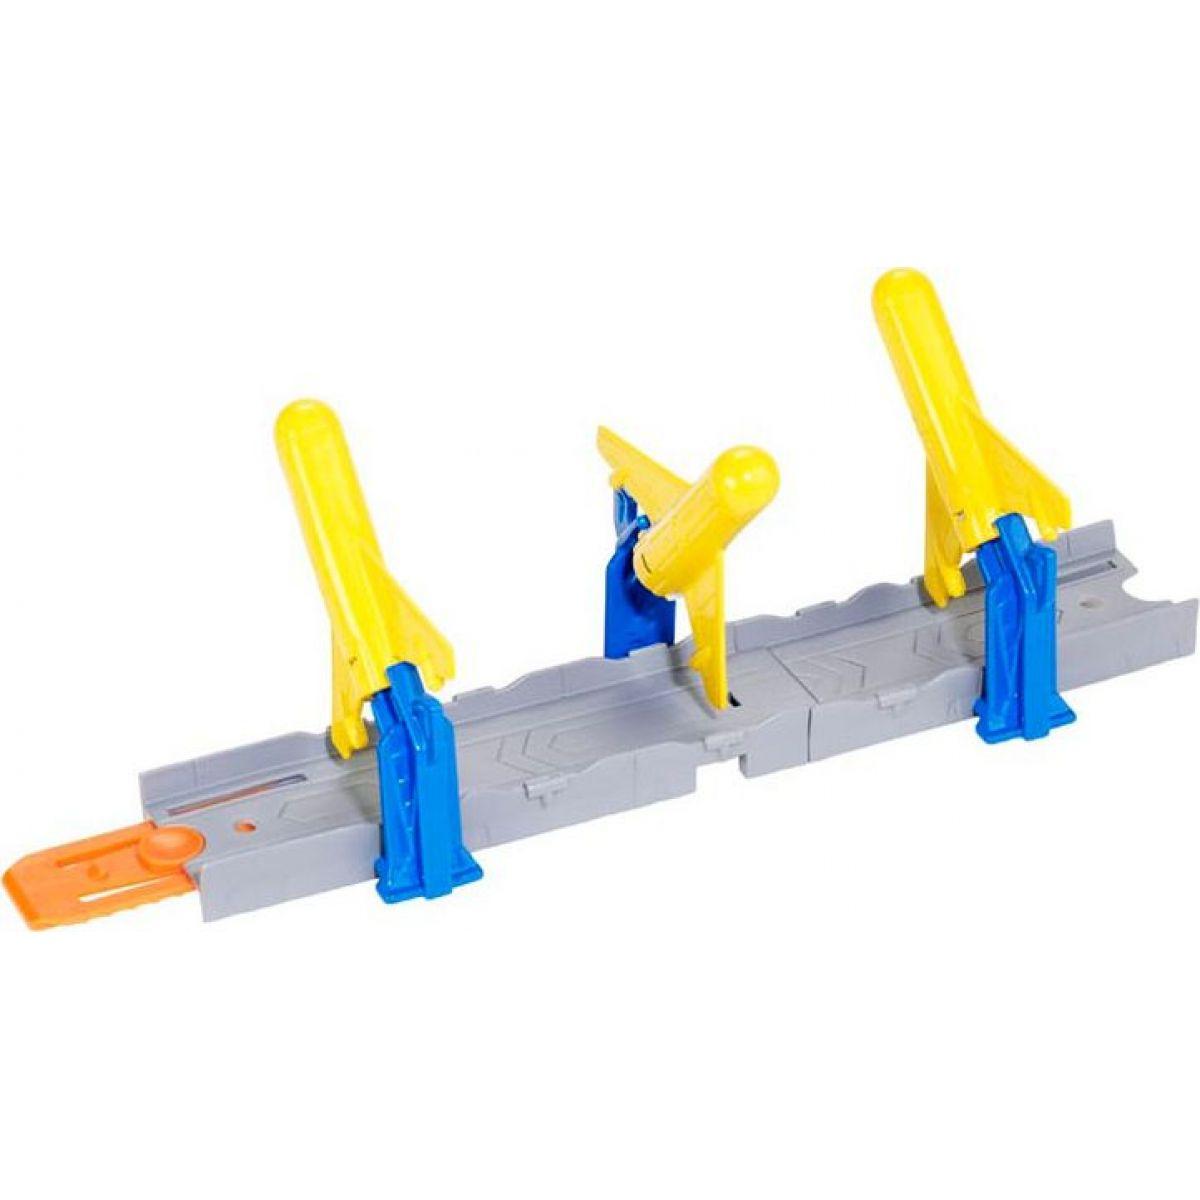 Hot Wheels BGX66 Track Builder základní set - Odpal rakety